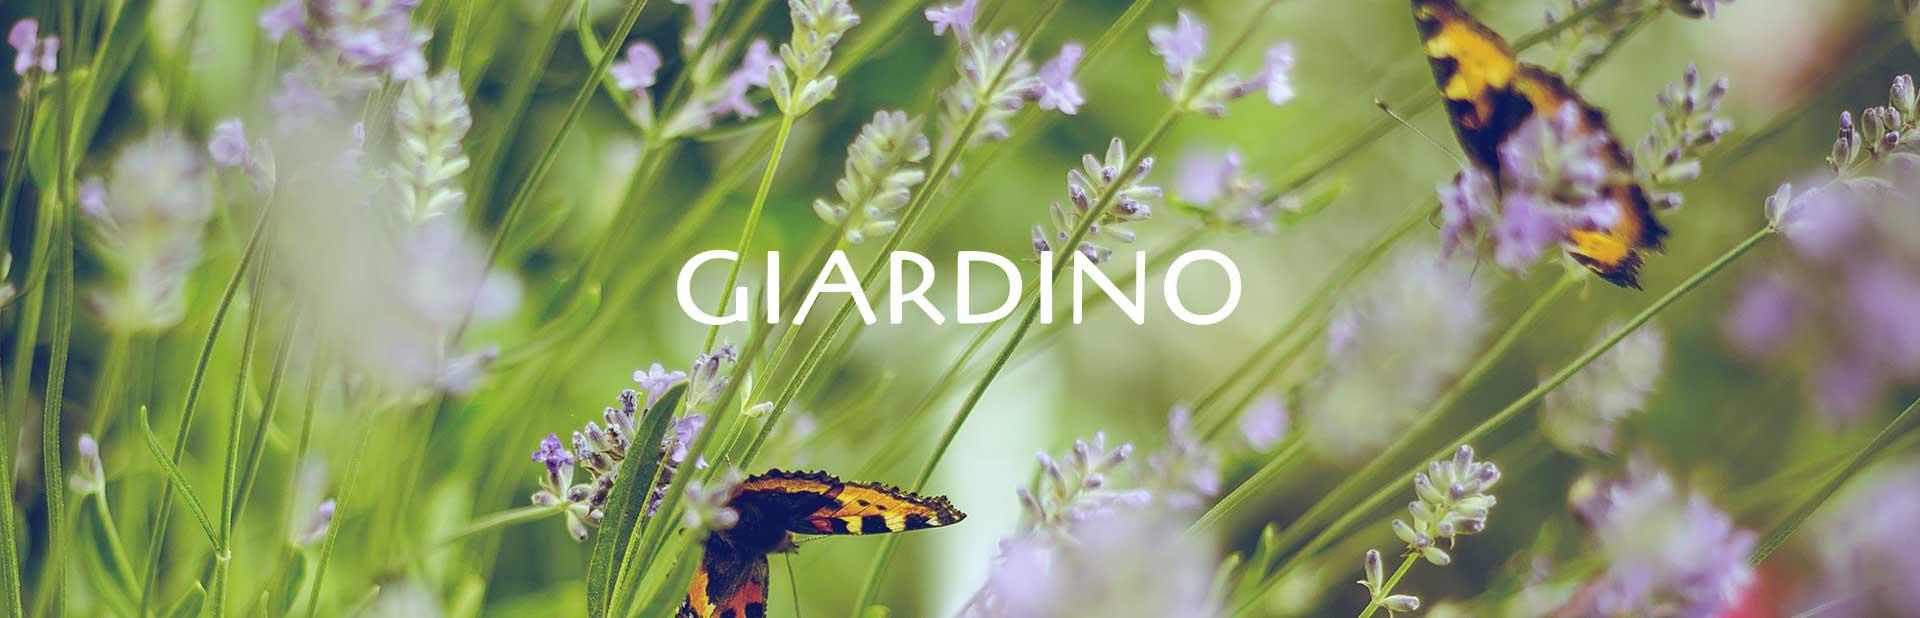 SEPRAN_giardino_header